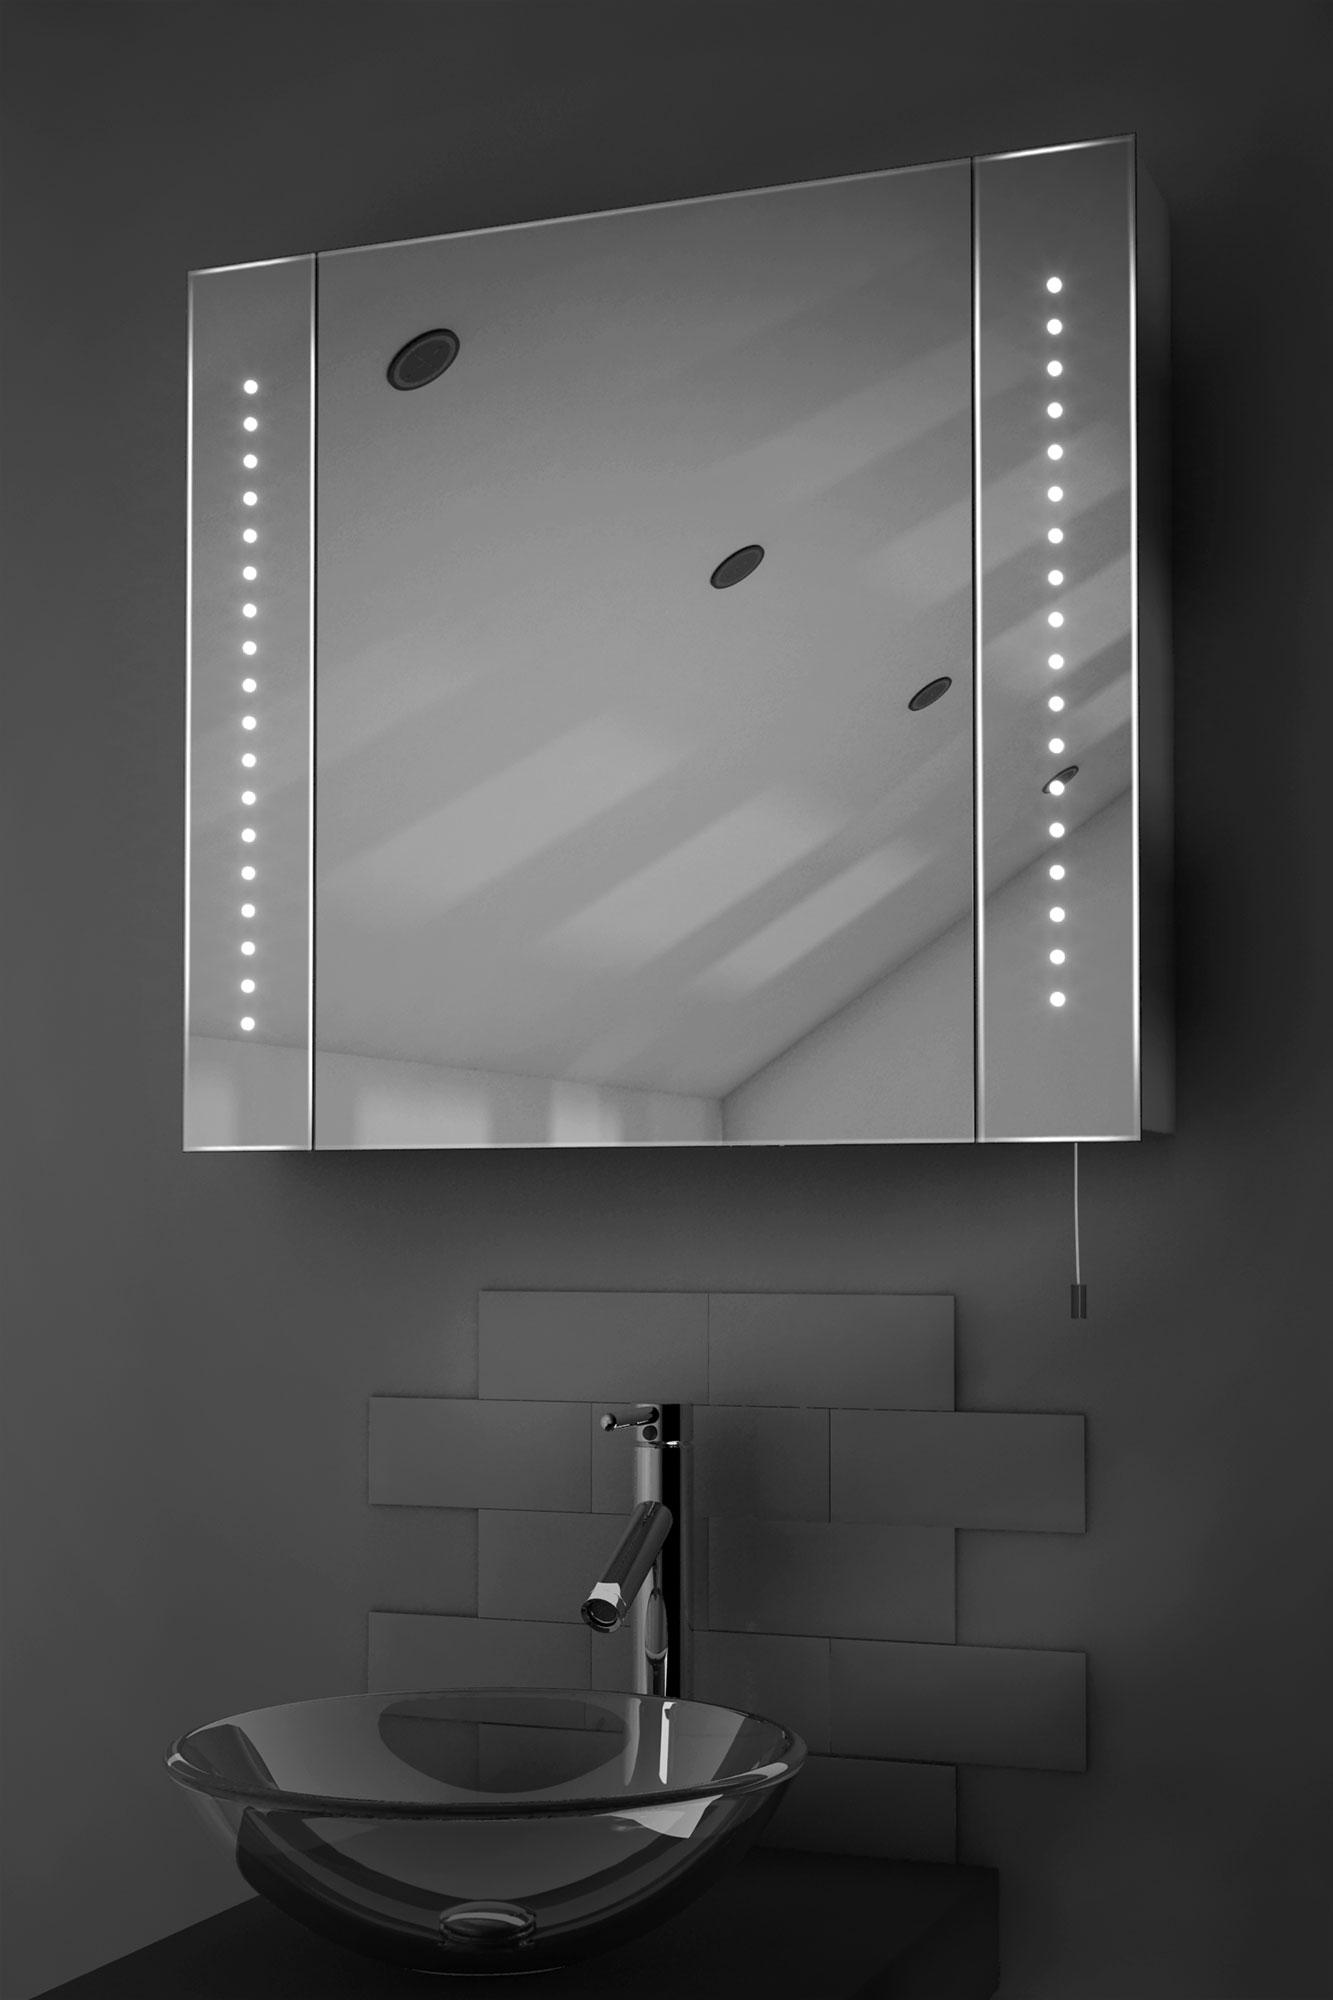 Armadietto da bagno con specchio con illuminazione a led e cordoncino regal ebay - Armadietto bagno con specchio ...